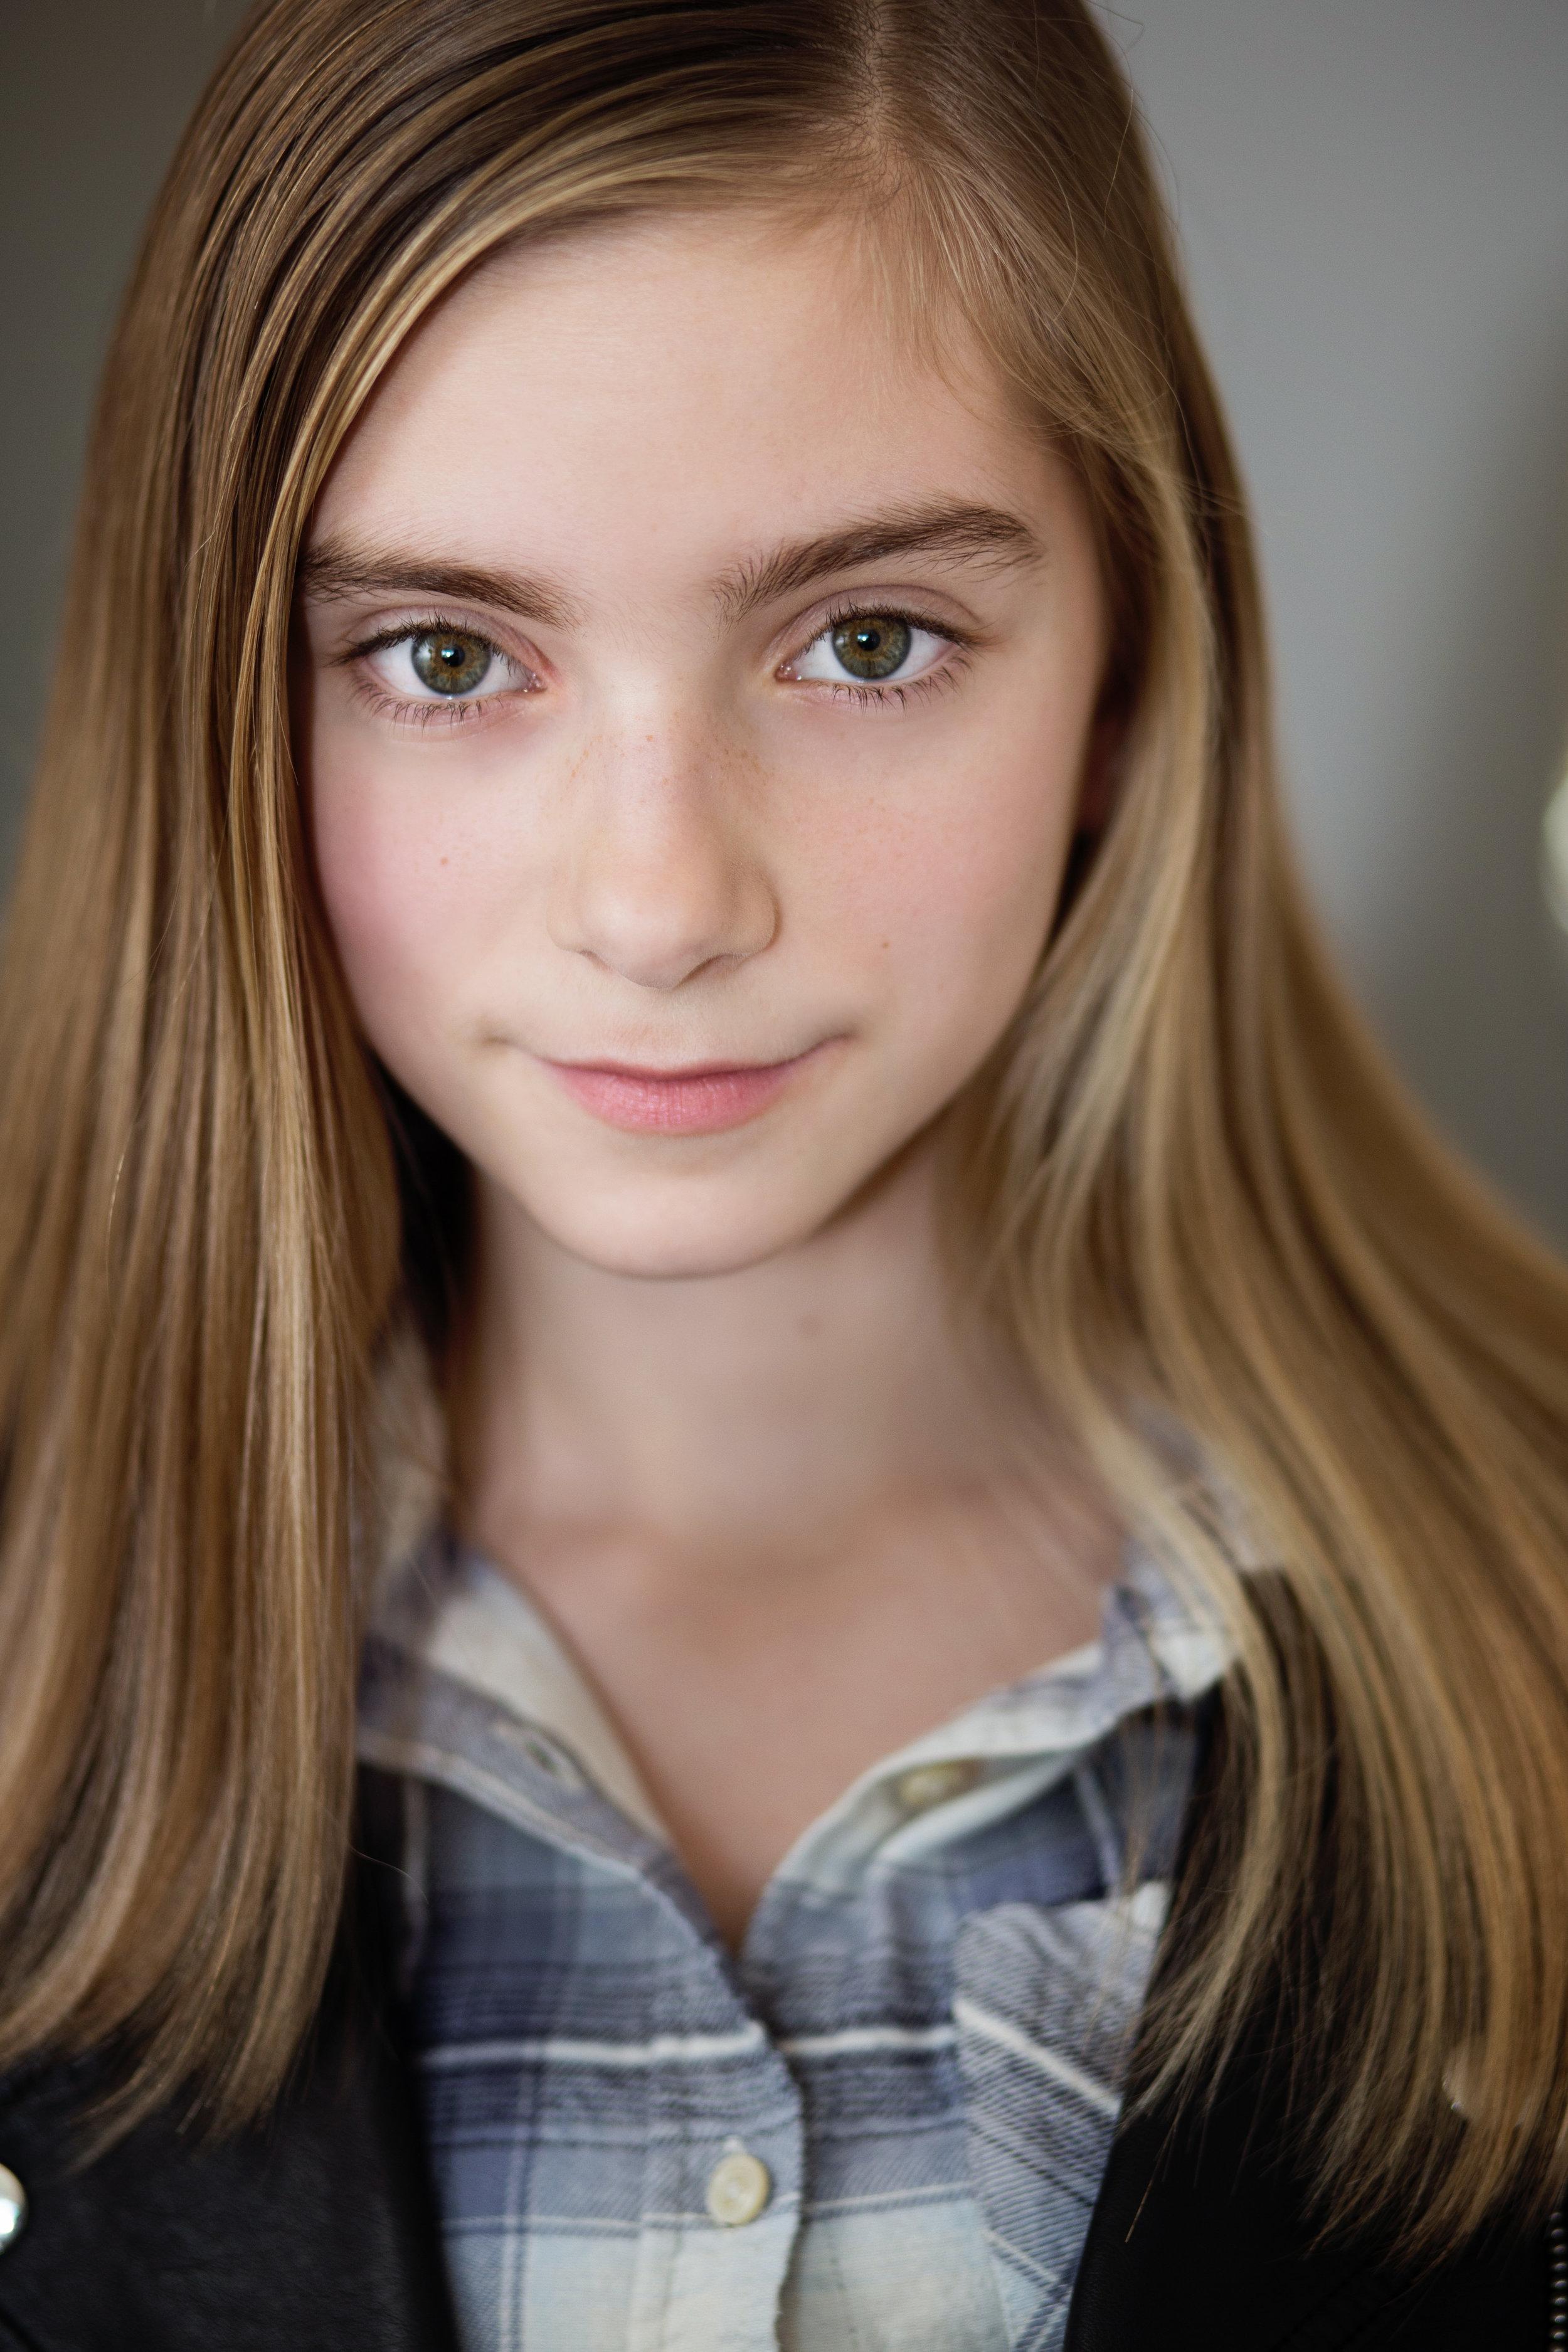 Audrey (Actress)